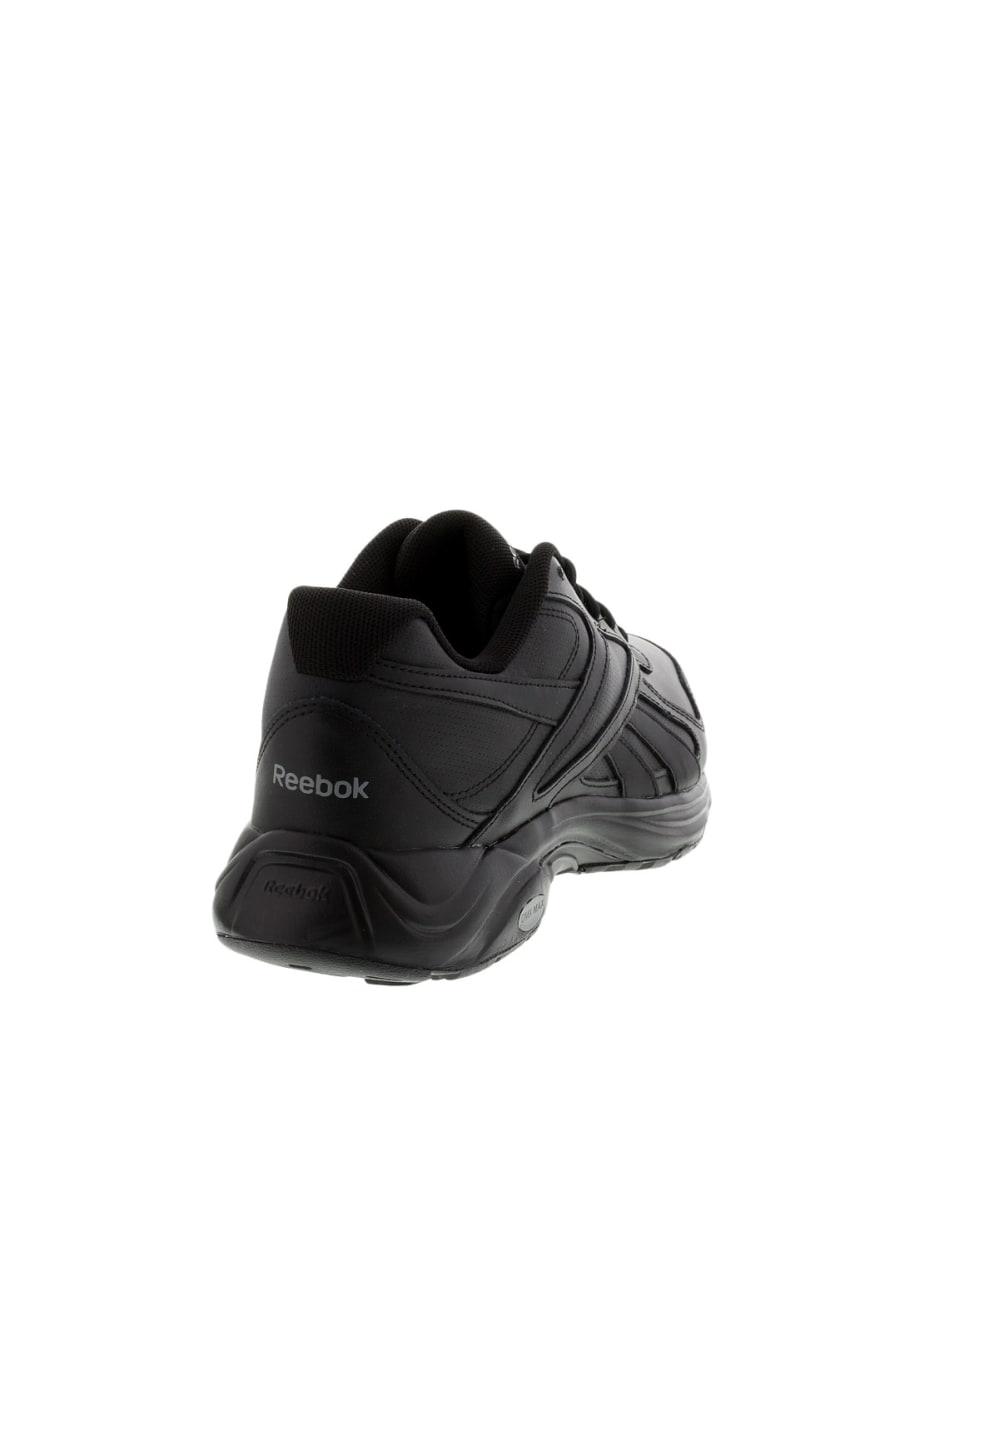 Pied Reebok Walk Marche Max V Chaussures Noir Ultra À Pour